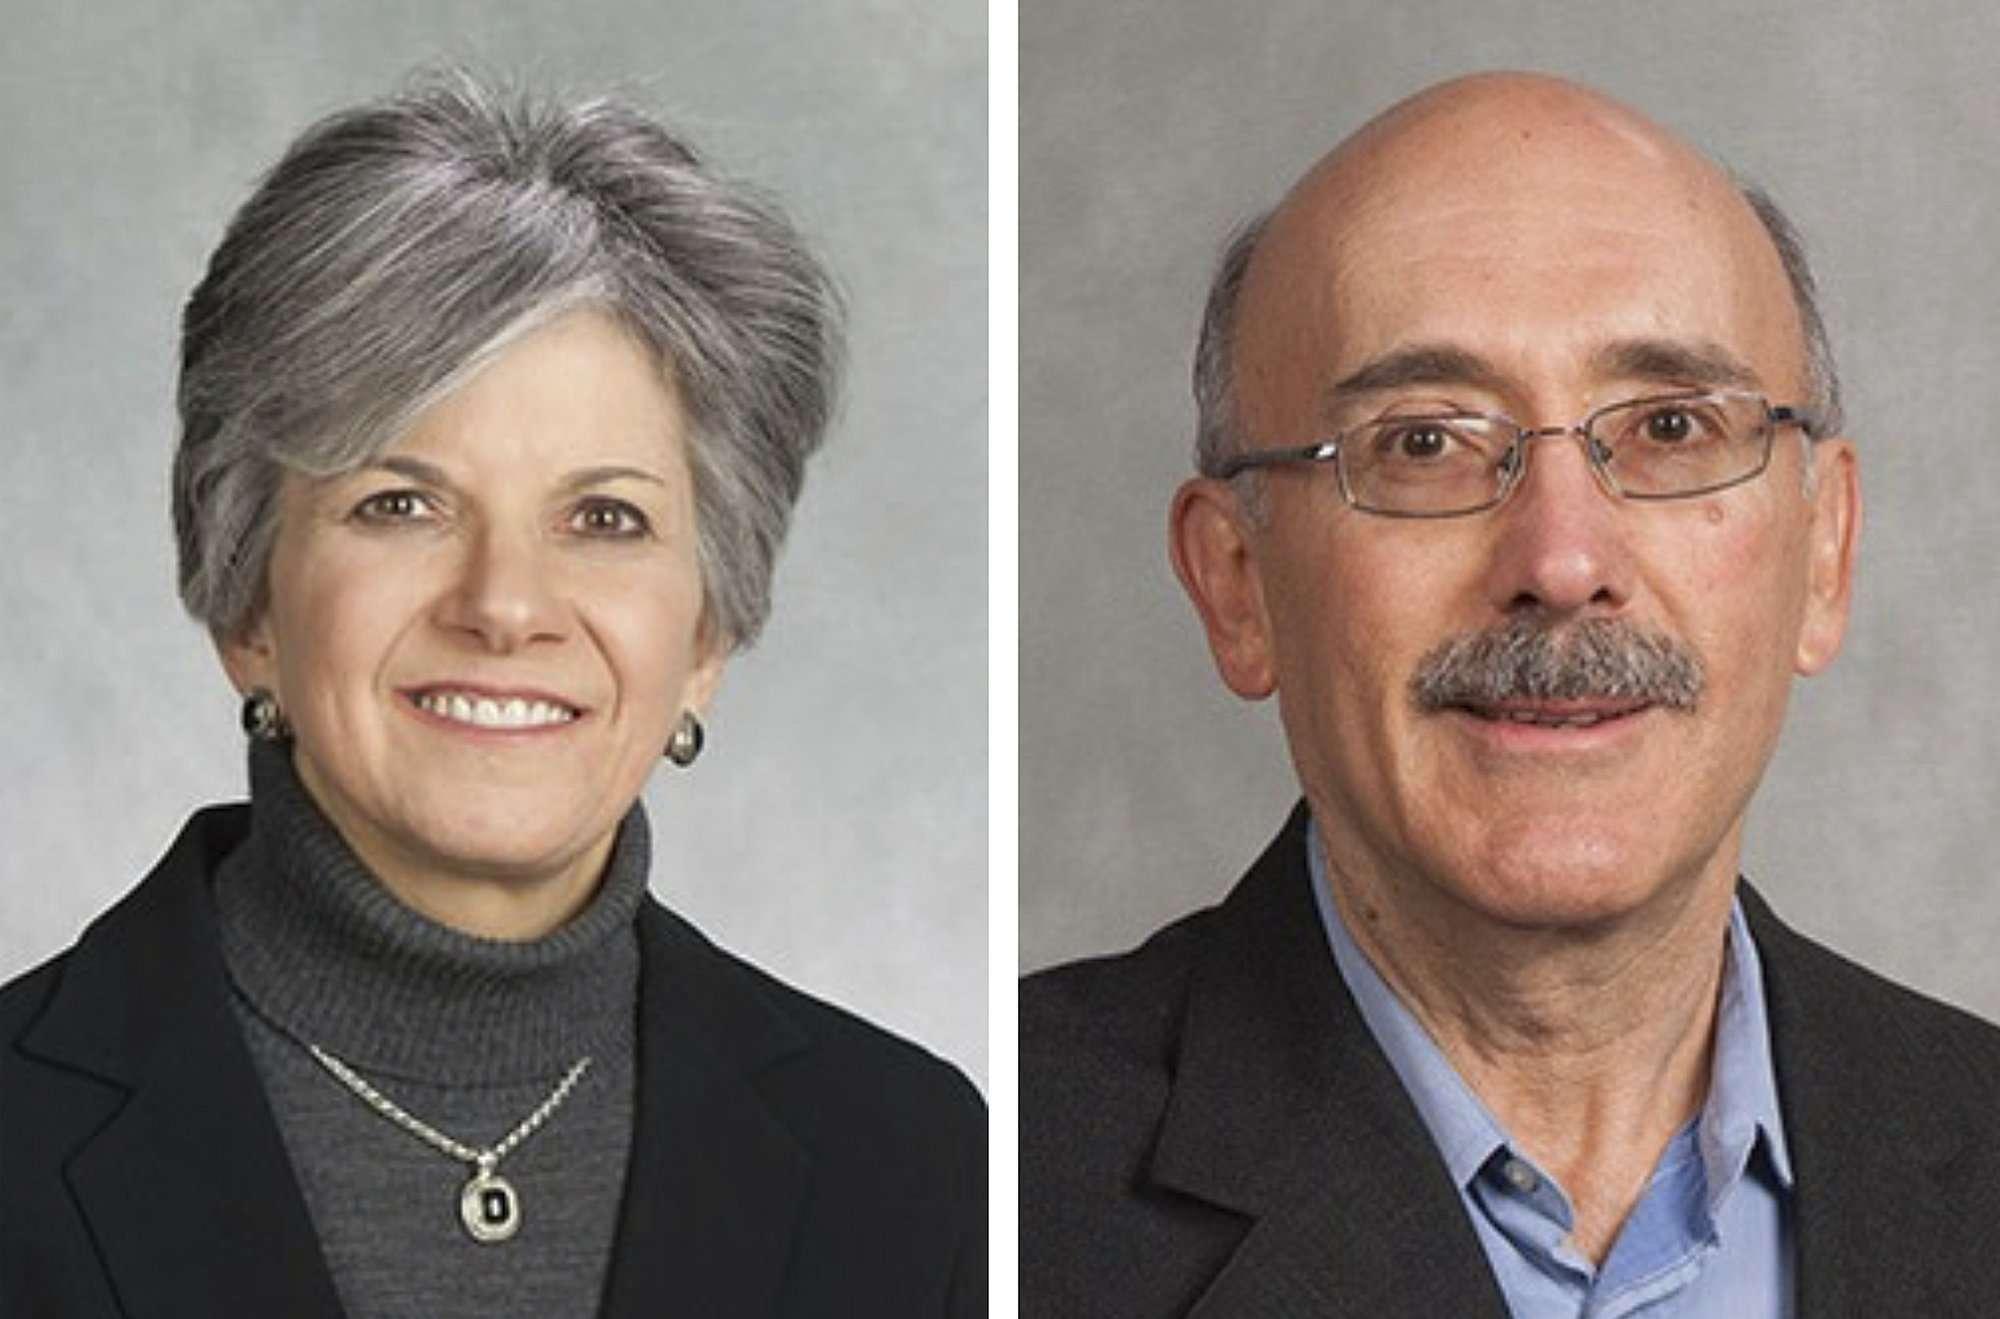 Estas fotos muestran a Susan Brill de Ramirez, izquierda, y Antonio Ramirez Barron.  AP